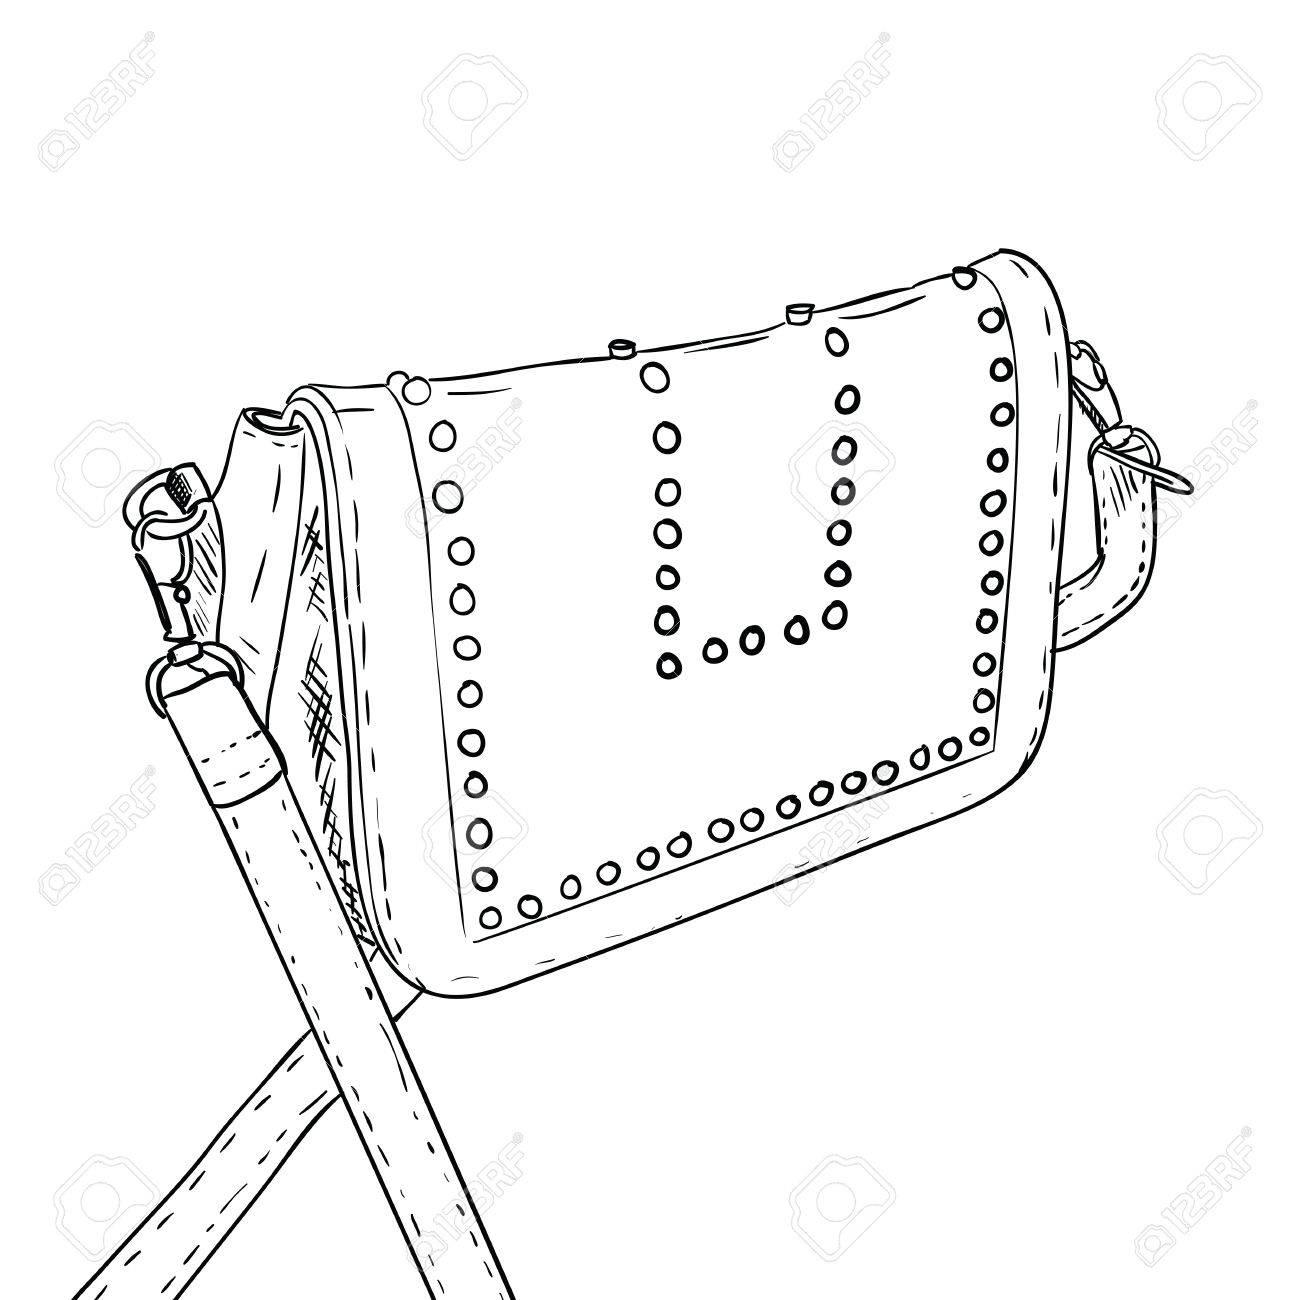 1300x1300 Sketch Of Ladies Handbag. Female Stylish Fashion Bag. Women Bag